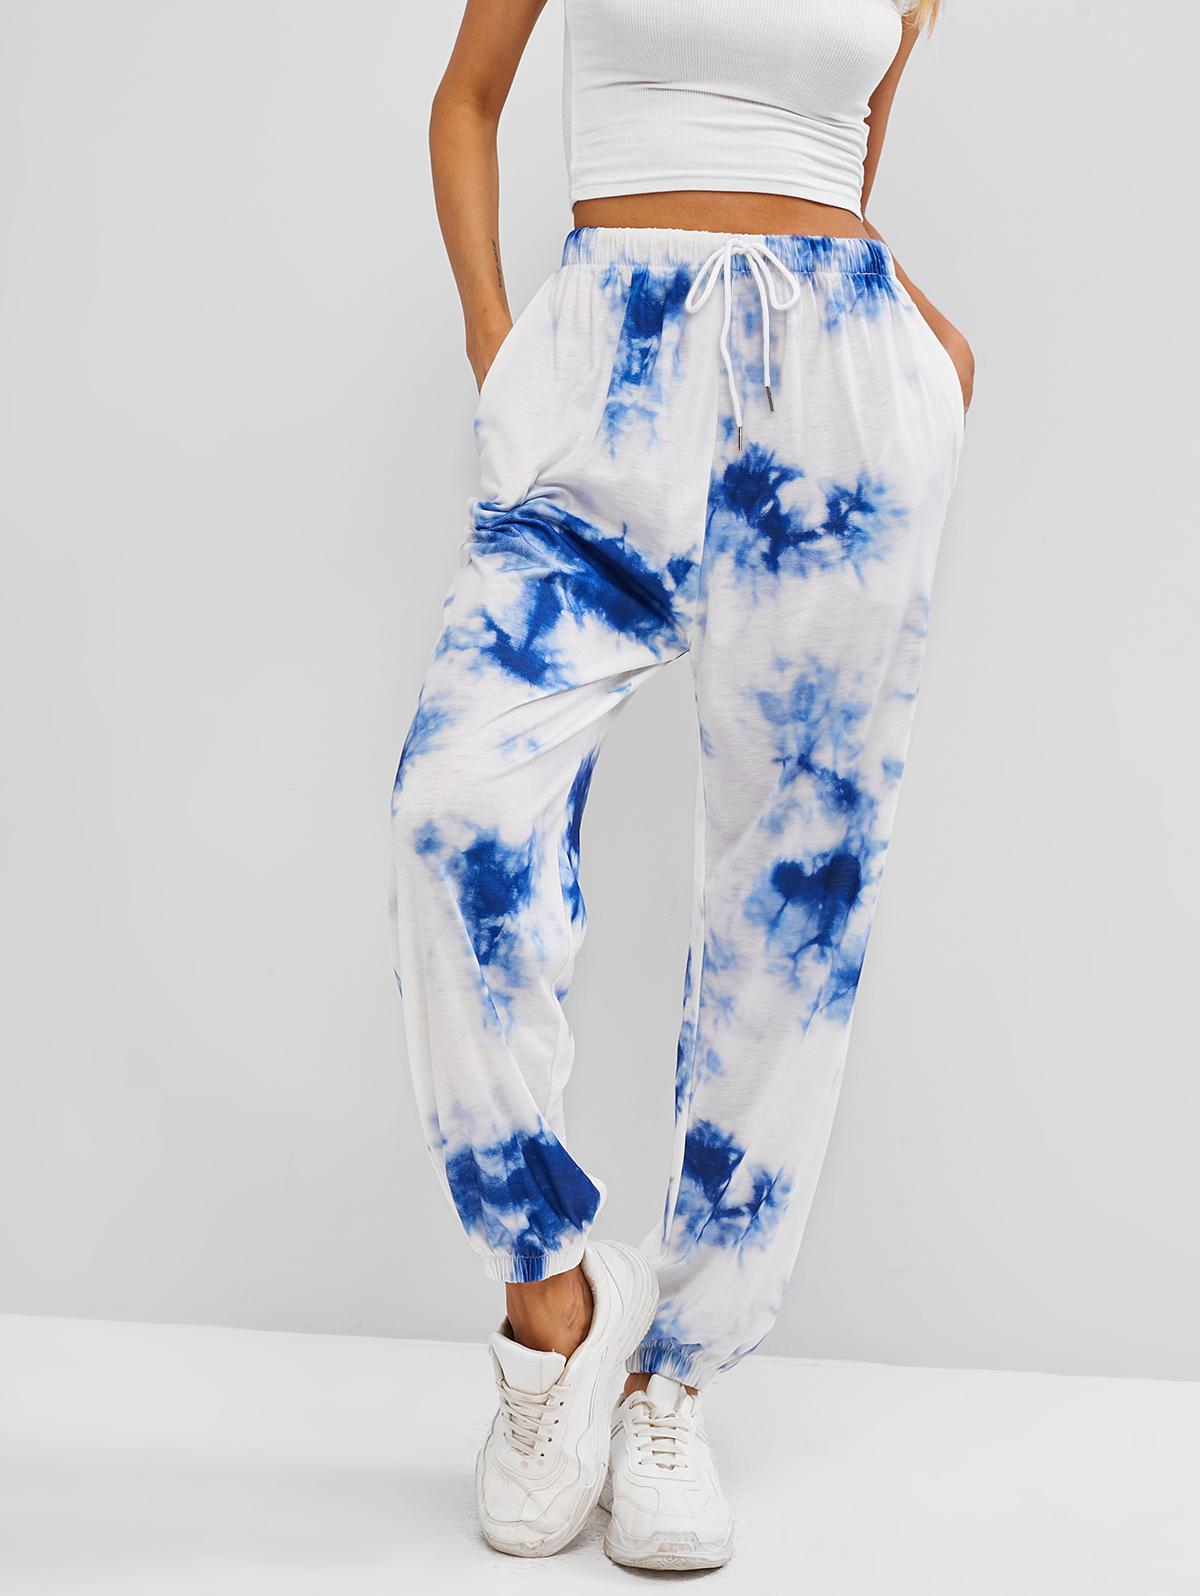 ZAFUL Tie Dye Pocket Drawstring Jogger Pants